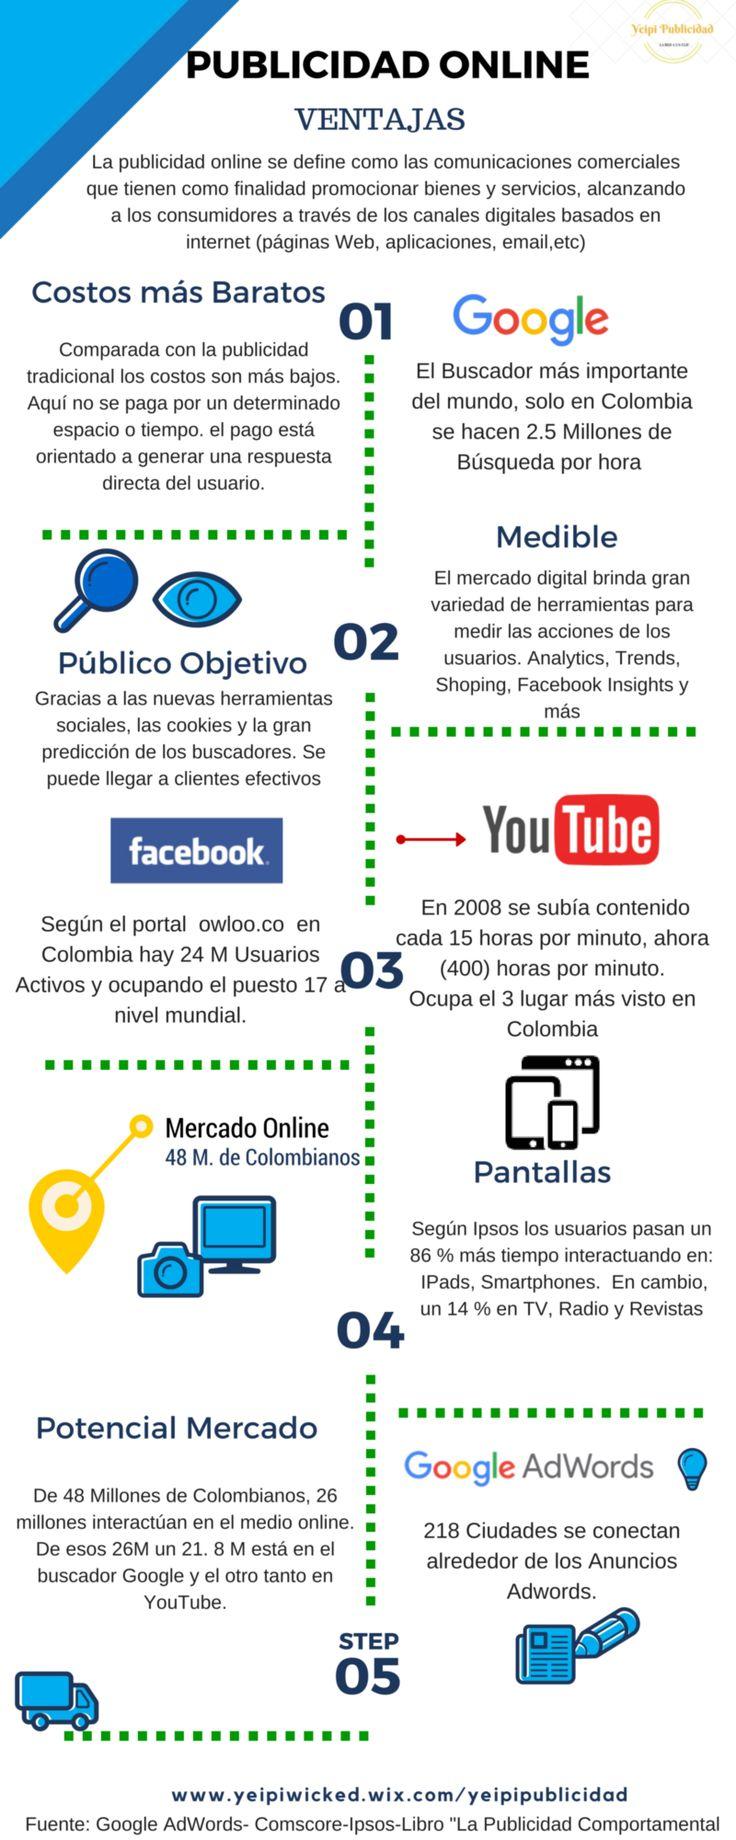 Ventajas de la Publicidad en Internet. Conoce algunas cifras a destacar. #pymes #adwords #Colombia #marcas  #google